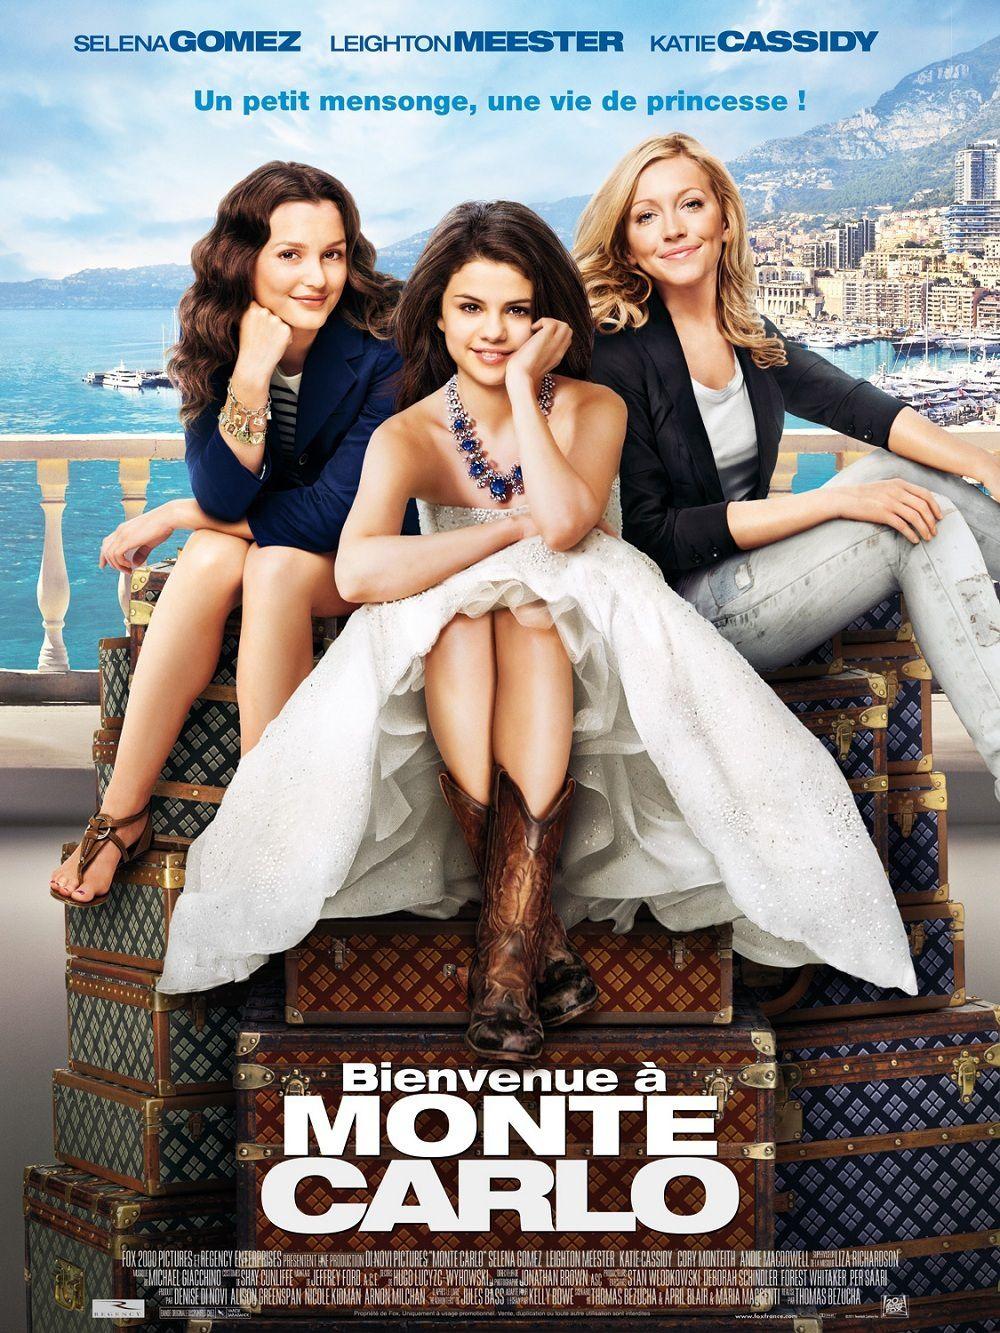 Bienvenue à Monte Carlo - Film (2011)